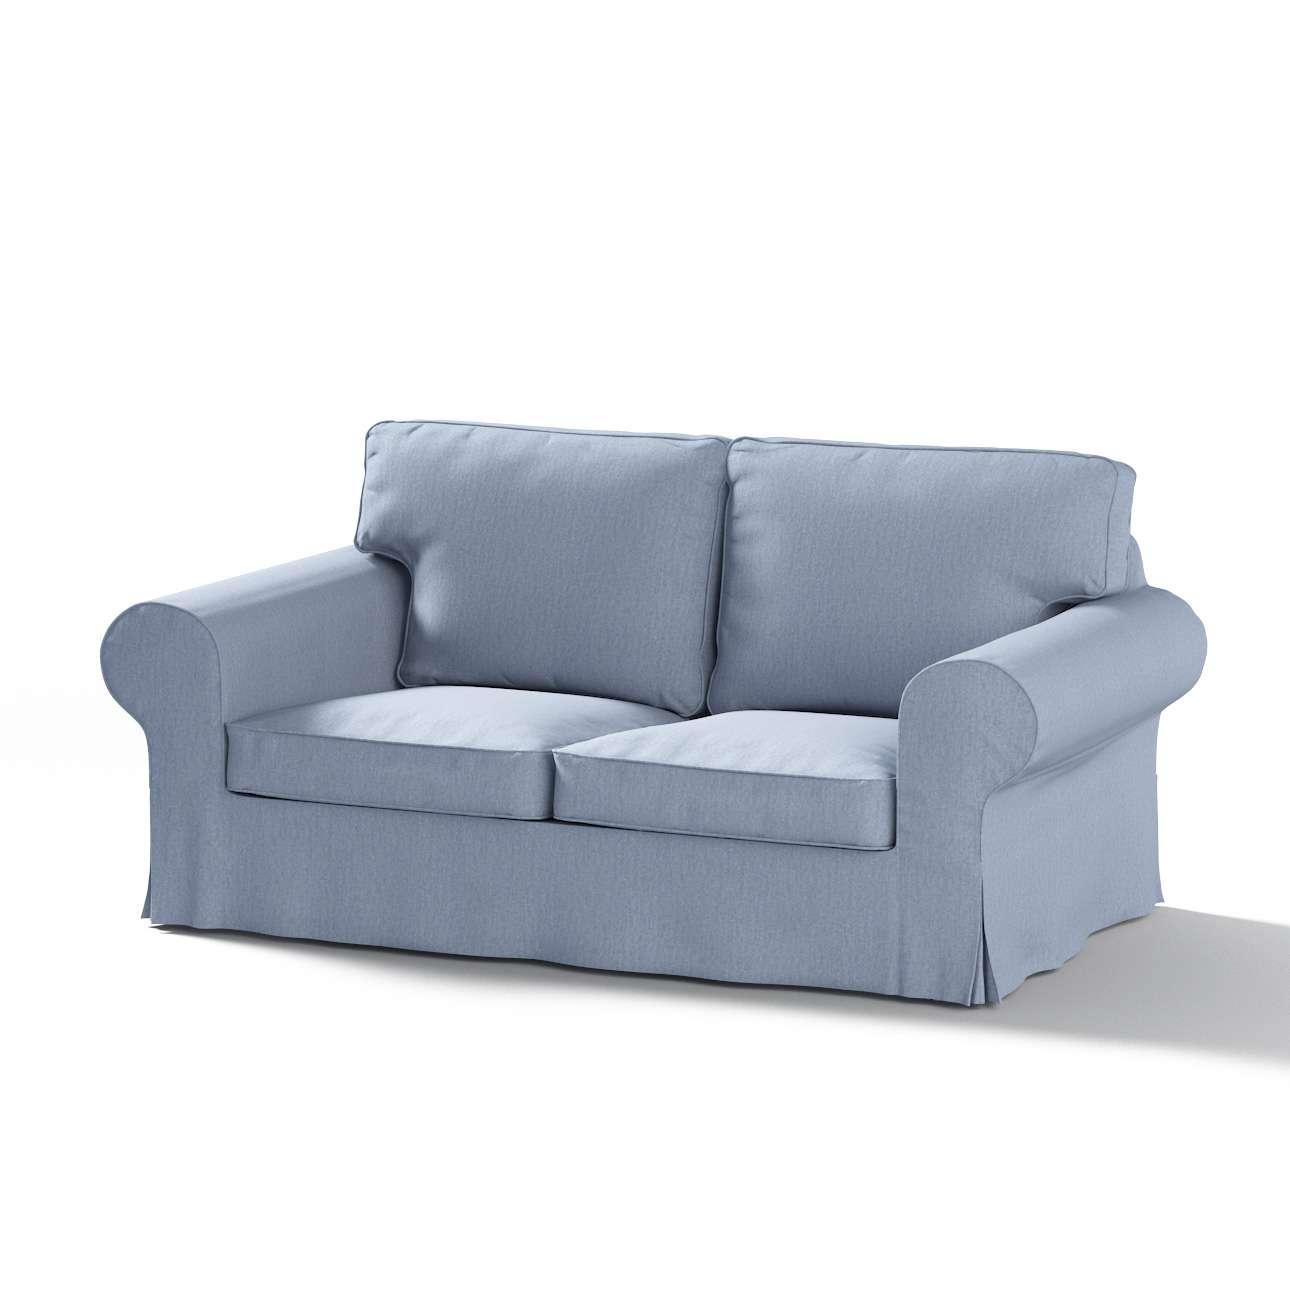 2 Zit Slaapbank.Ikea Hoes Overtrek Voor 2 Zitsslaapbank Zilver Blauw Dekoria